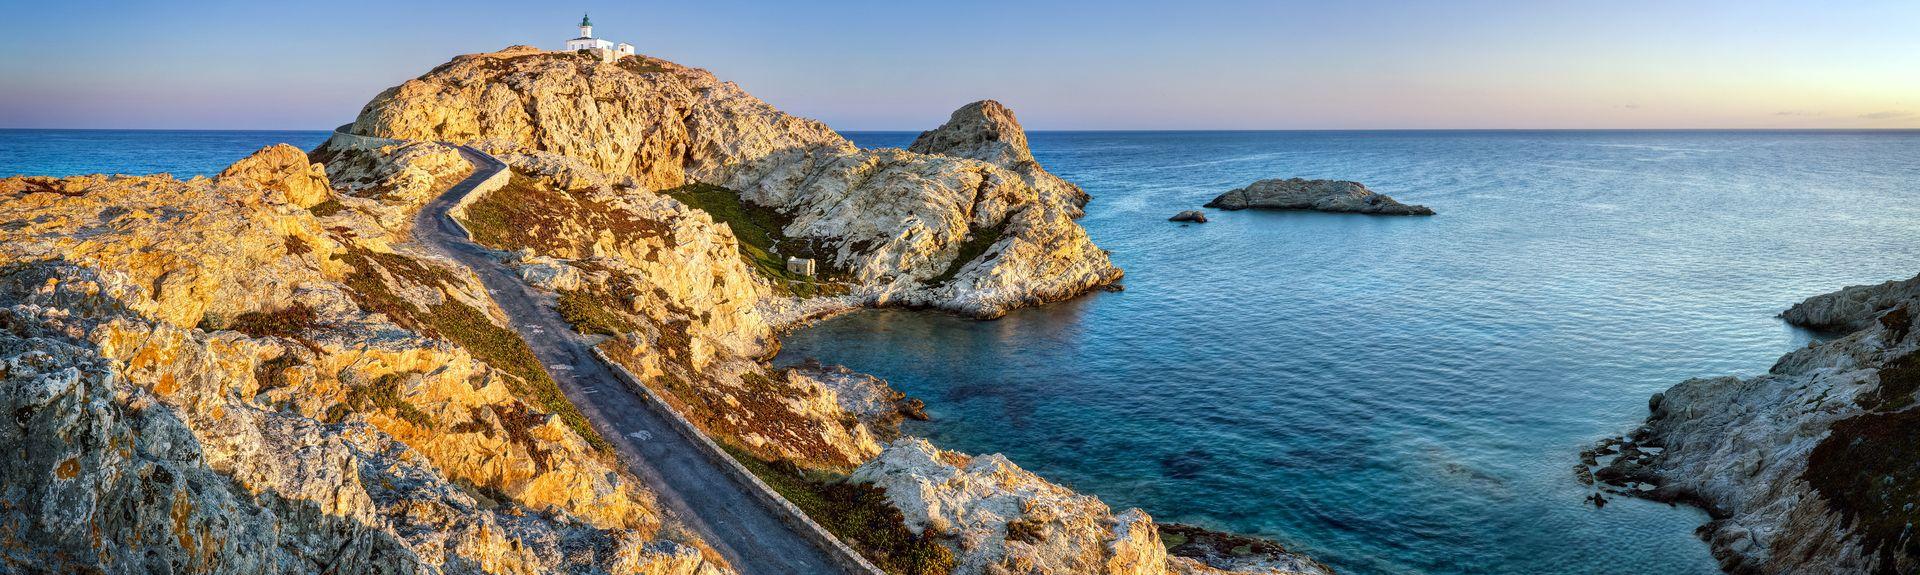 L'Île-Rousse, Haute-Corse, France